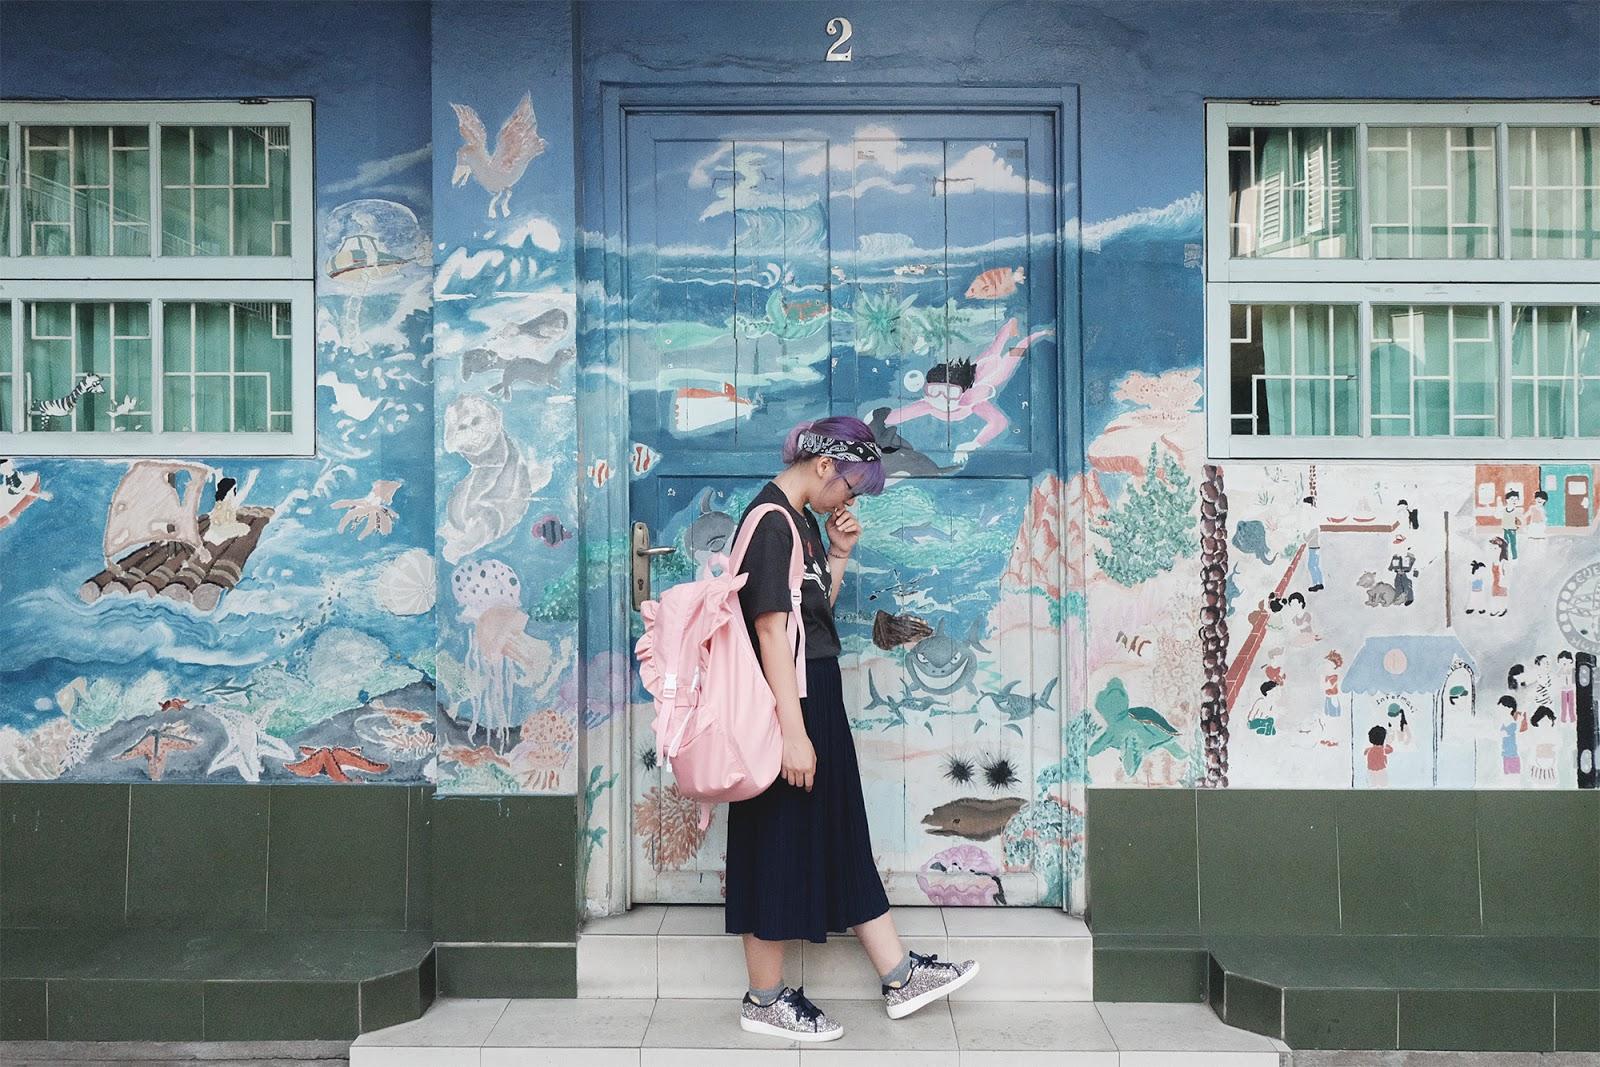 SD Karya Yosef Pontianak Mural | www.bigdreamerblog.com